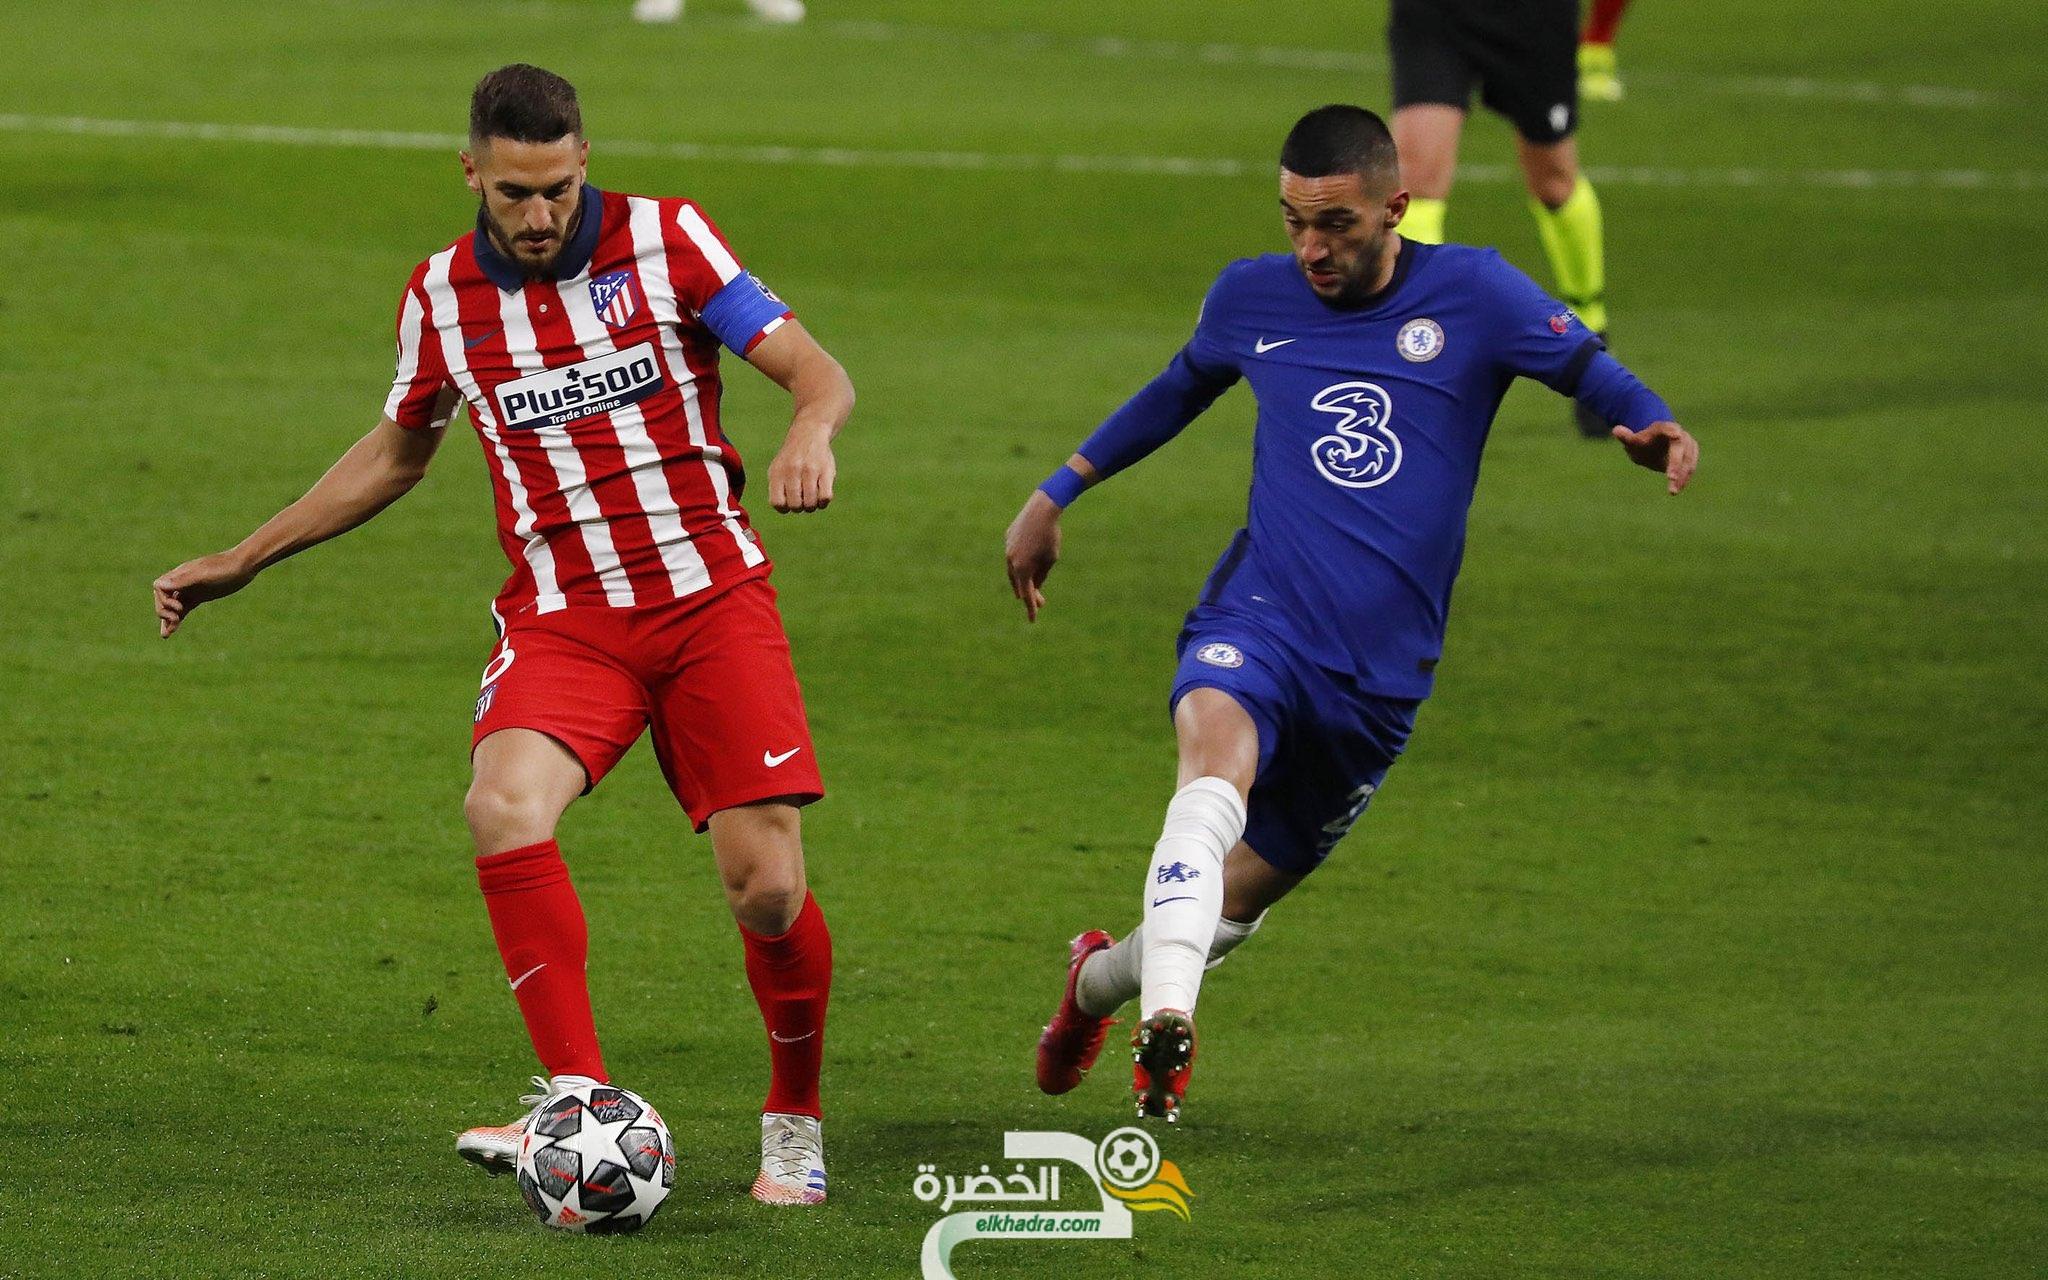 حكيم زياش يقود تشيلسي للفوز على اتلتيكو مدريد و التأهل للدور ربع النهائي 23